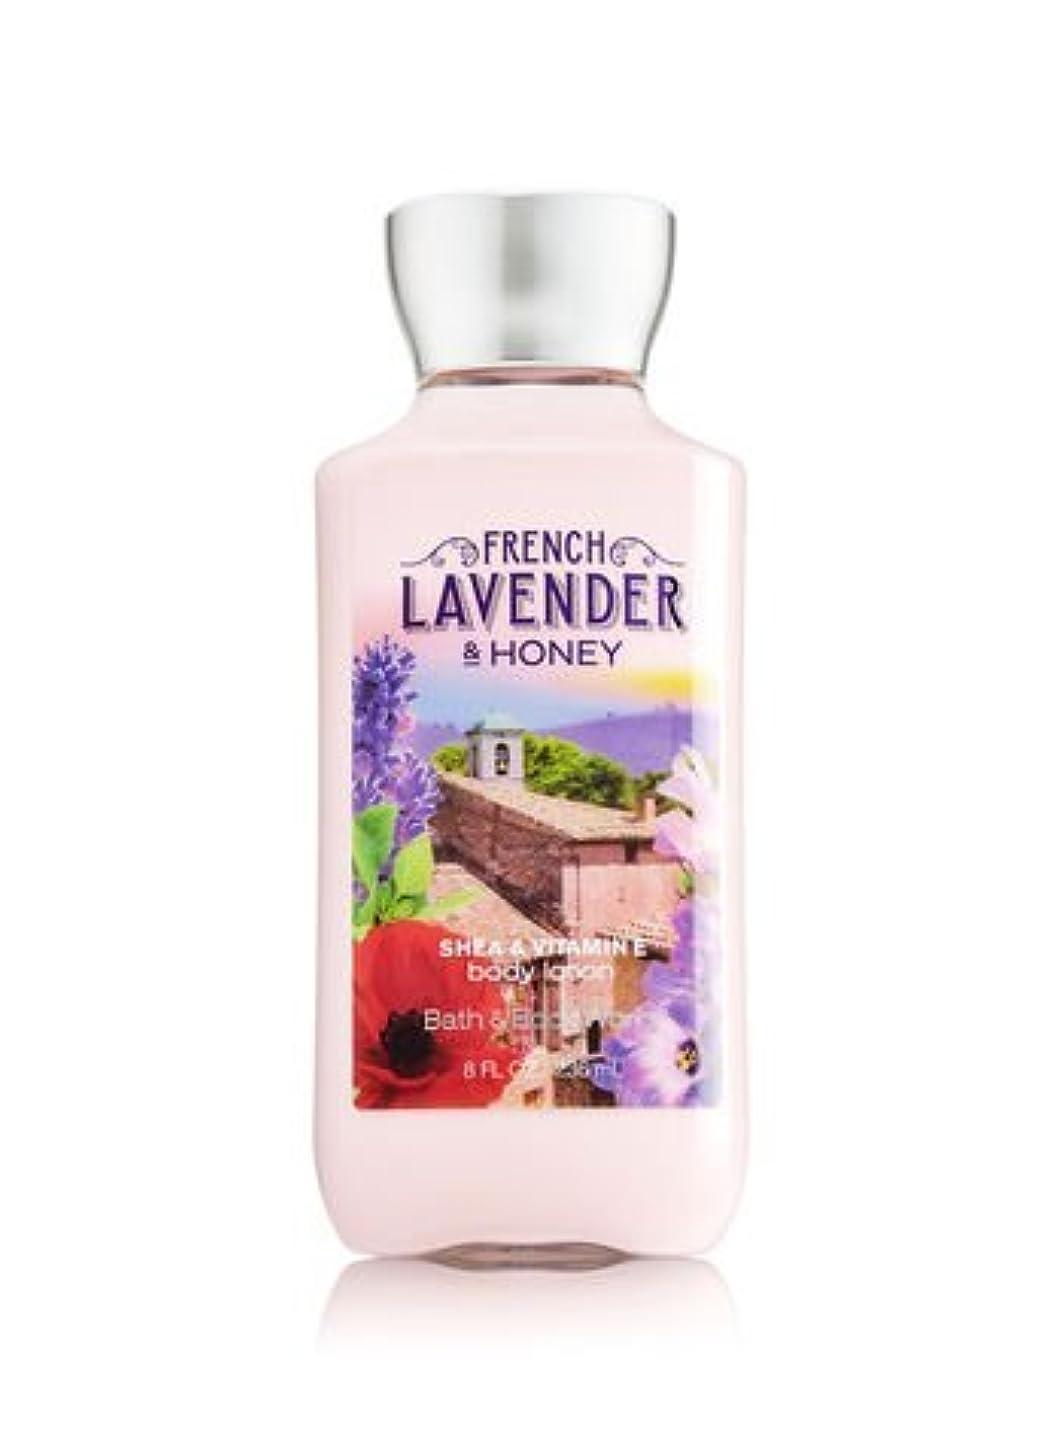 問い合わせやむを得ない余計な【Bath&Body Works/バス&ボディワークス】 ボディローション フレンチラベンダー&ハニー Body Lotion French Lavender & Honey 8 fl oz / 236 mL [並行輸入品]